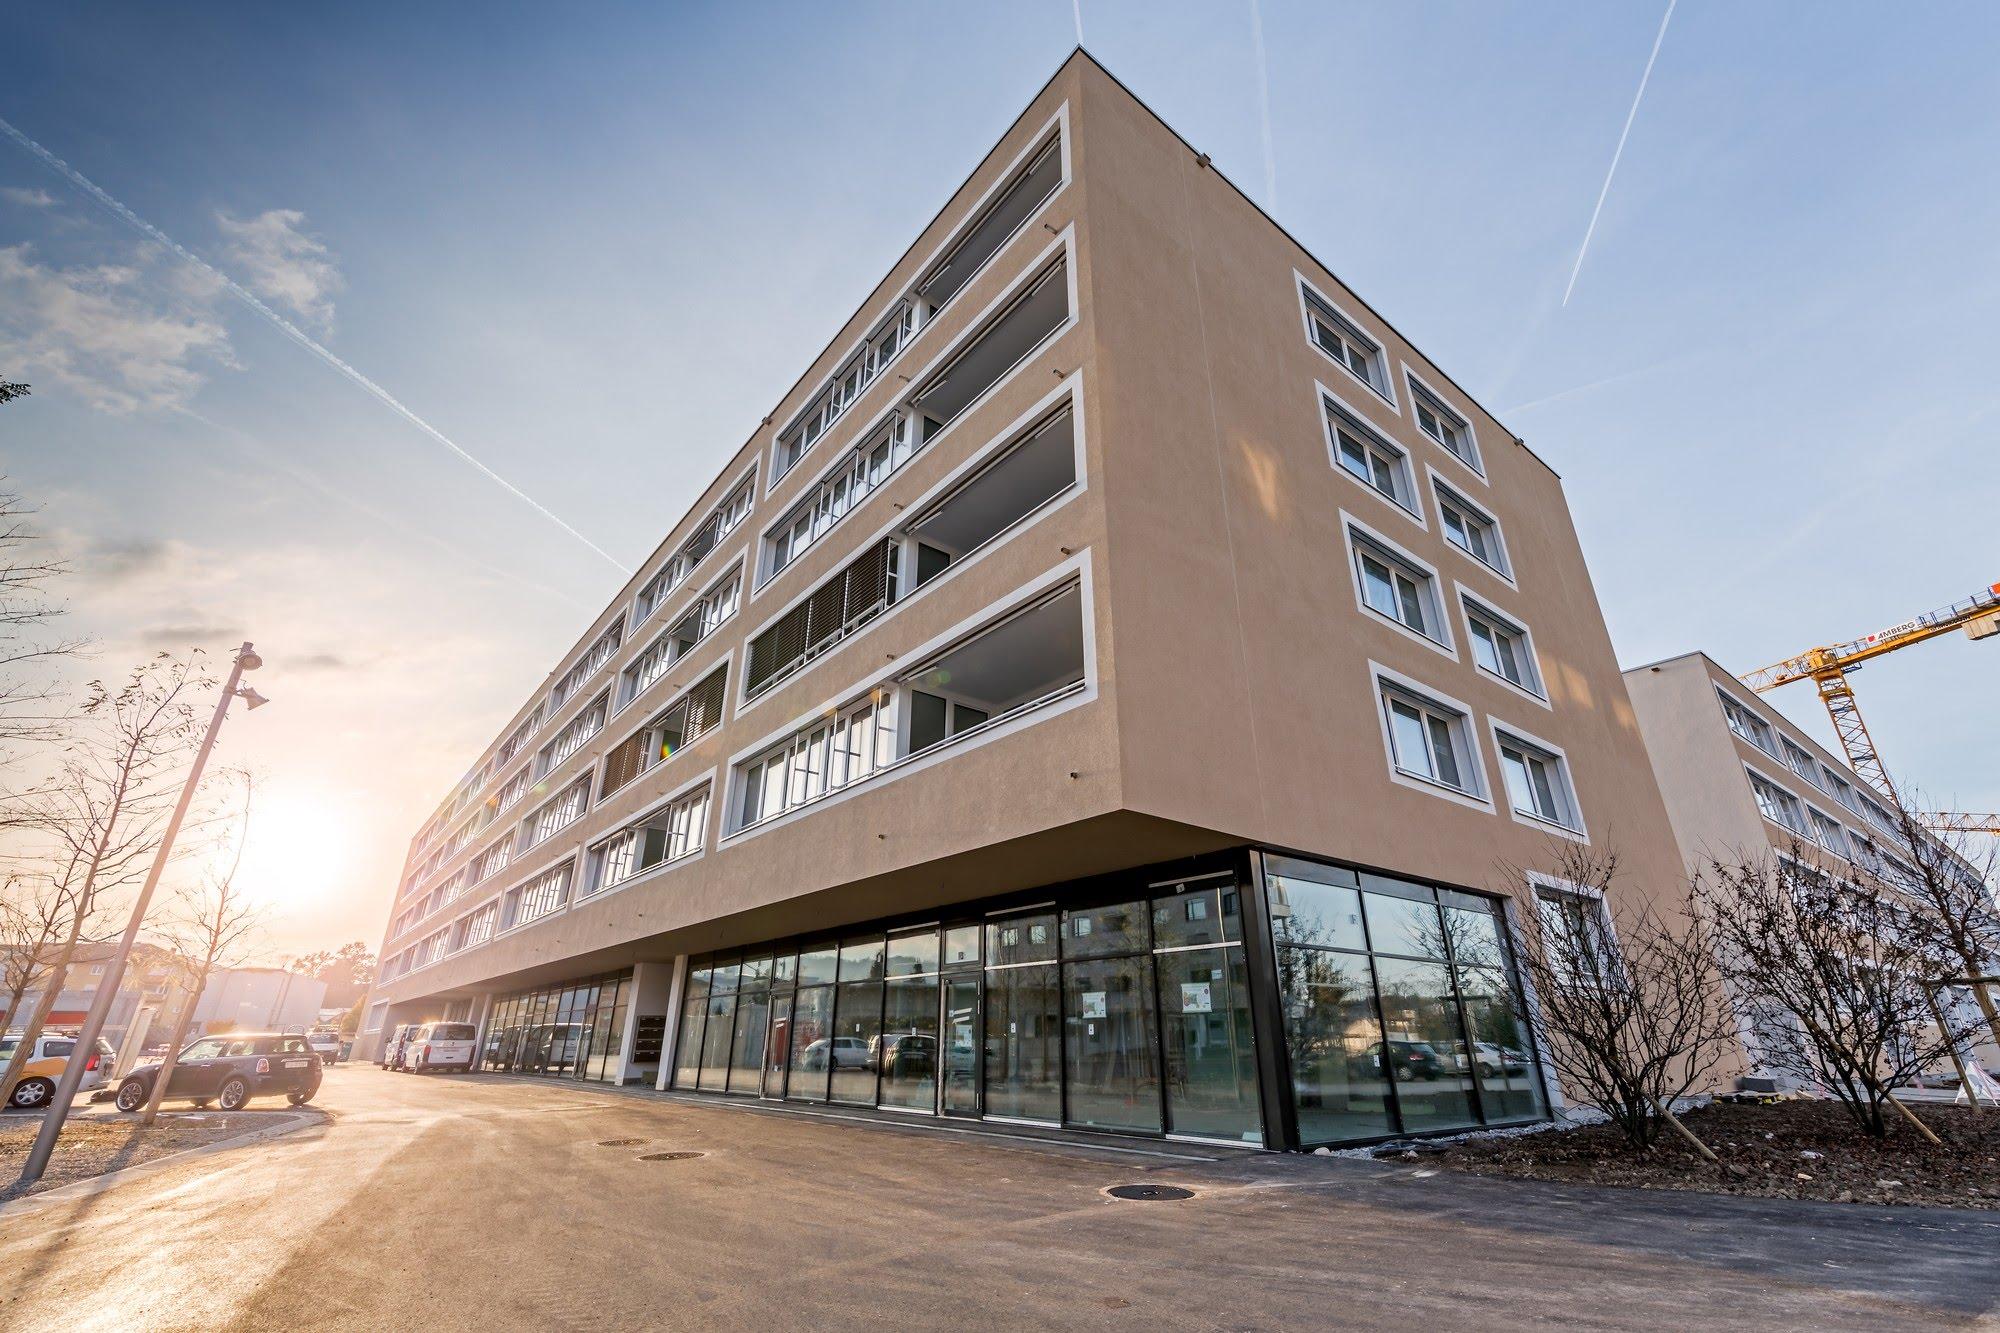 Wohnungsbau,Wohnungsbau,Industrie / Gewerbebau,Aussenwärmedämmung Überbauung Feldbreite Baufeld D2